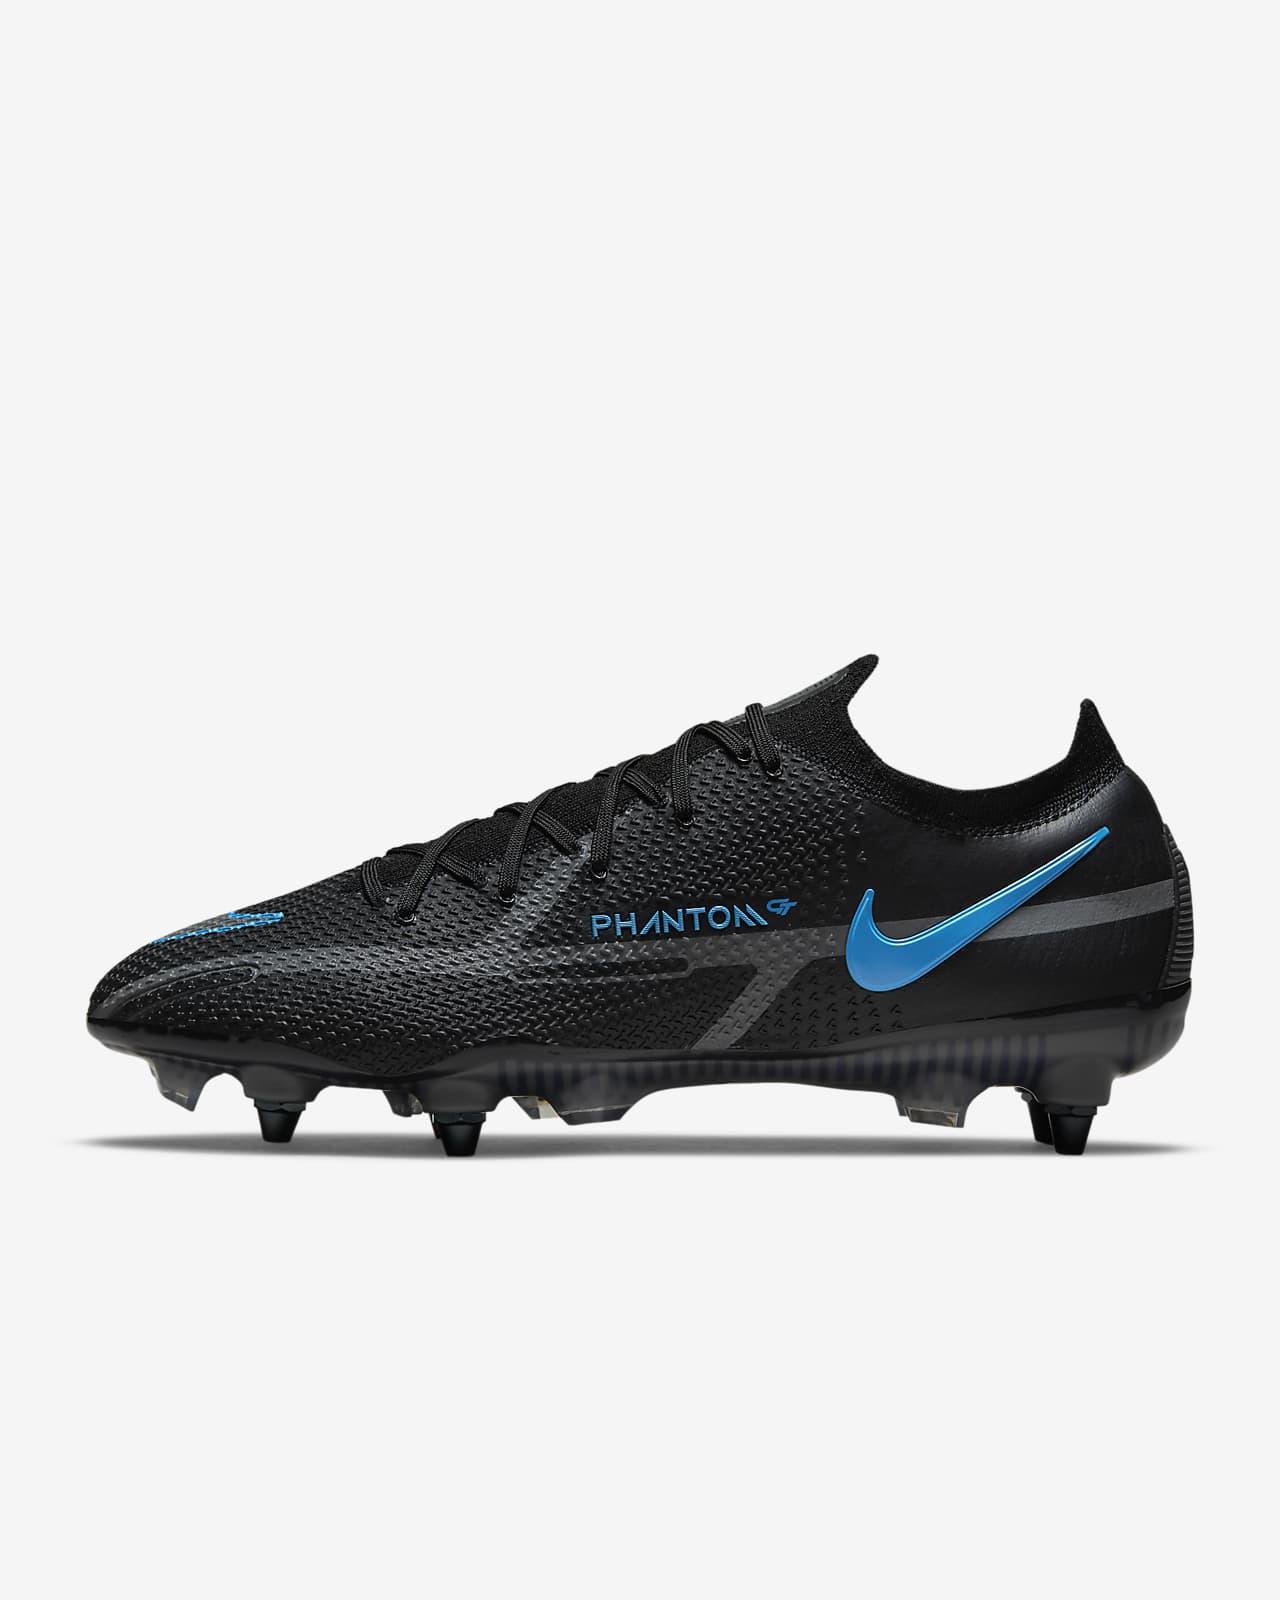 Nike Phantom GT2 Elite SG-Pro AC Fußballschuh für weichen Rasen